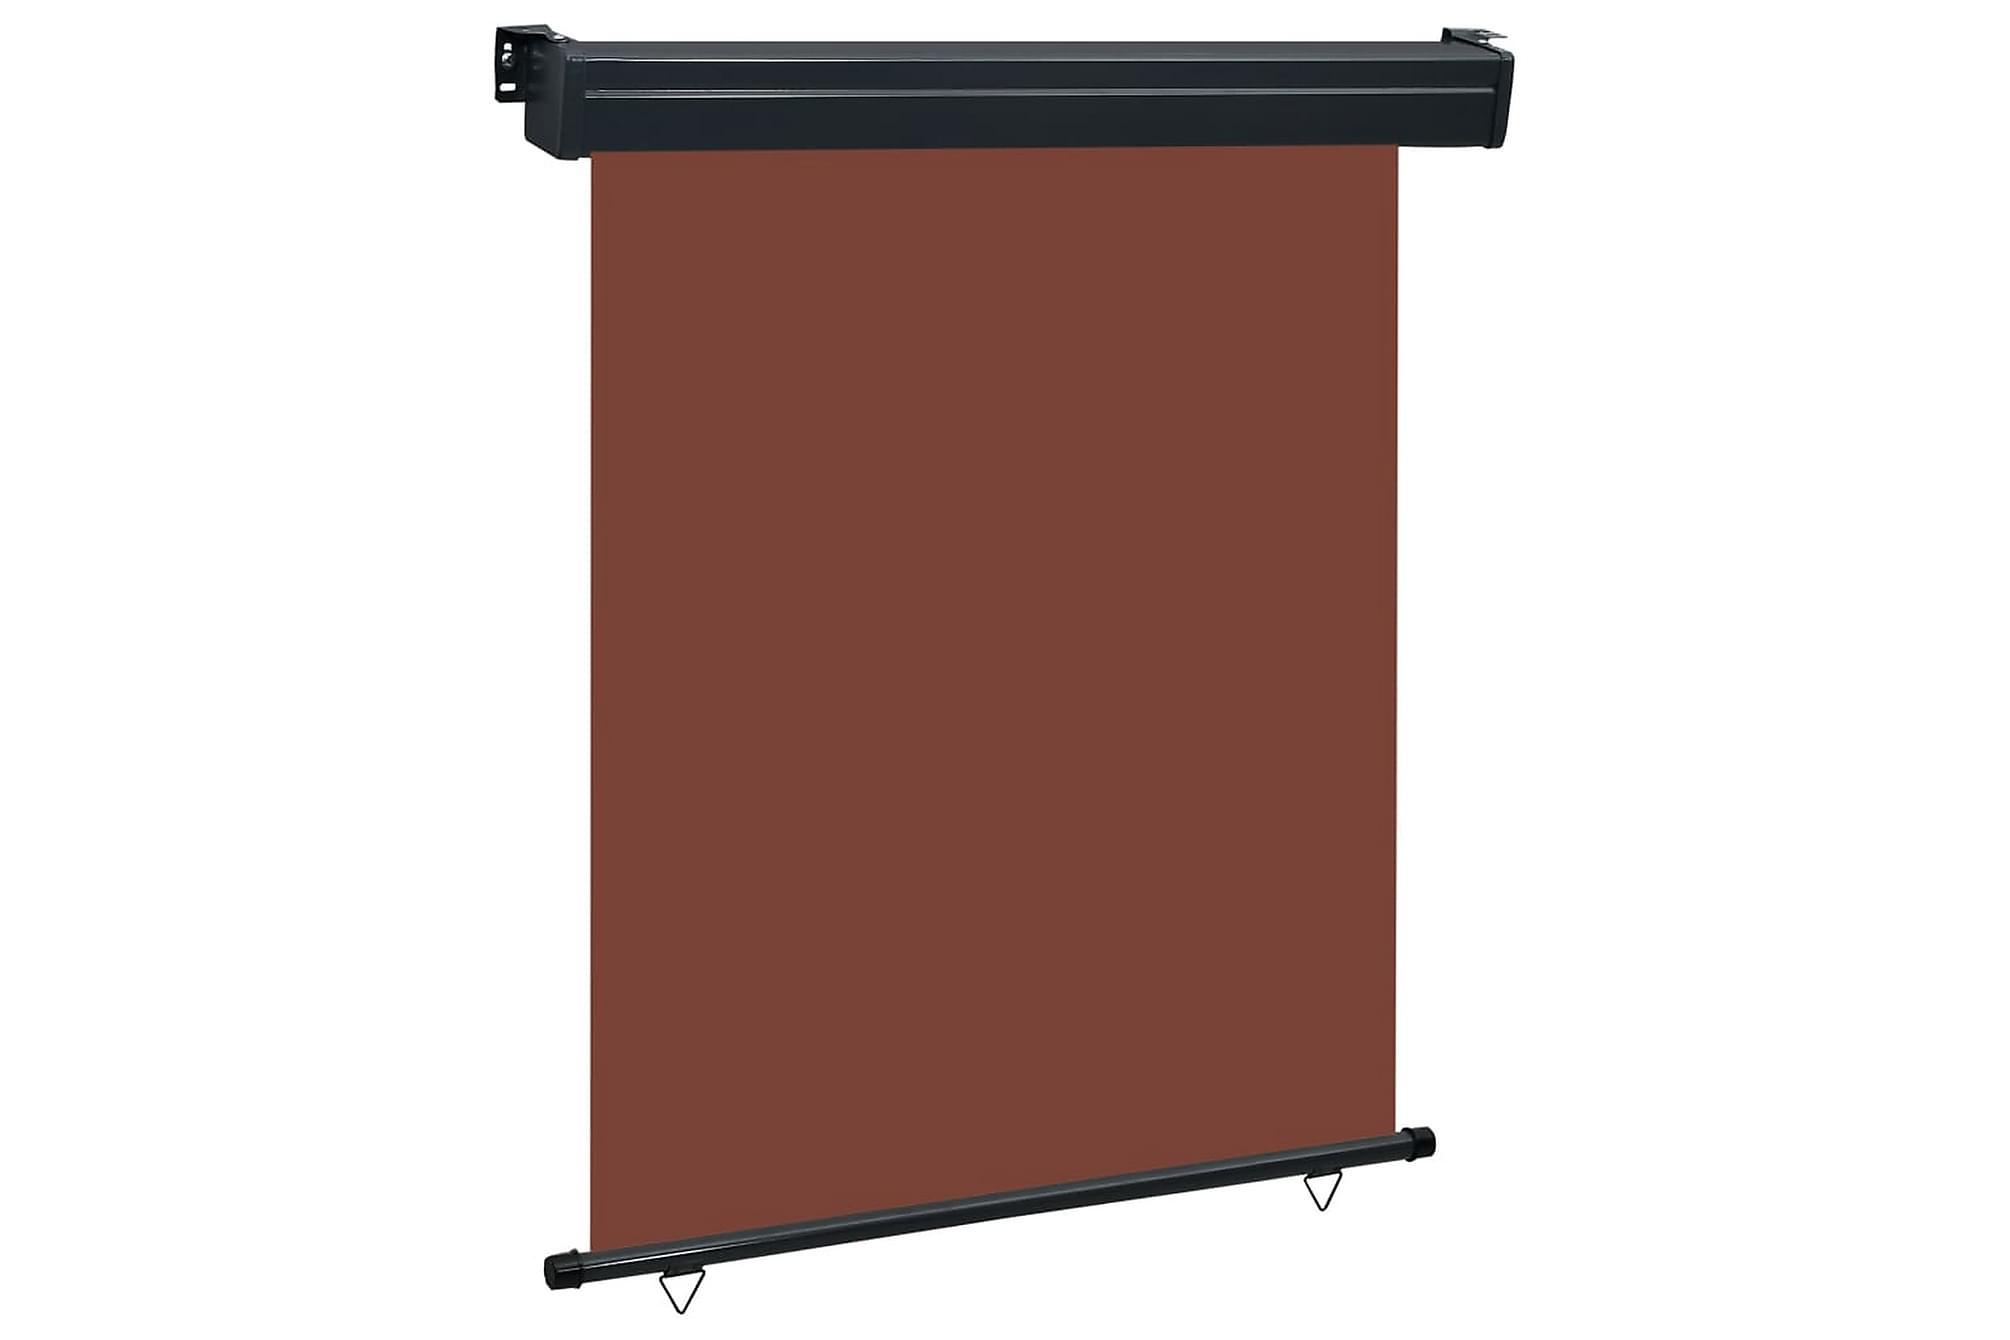 Balkongmarkis 140x250 cm brun, Markiser